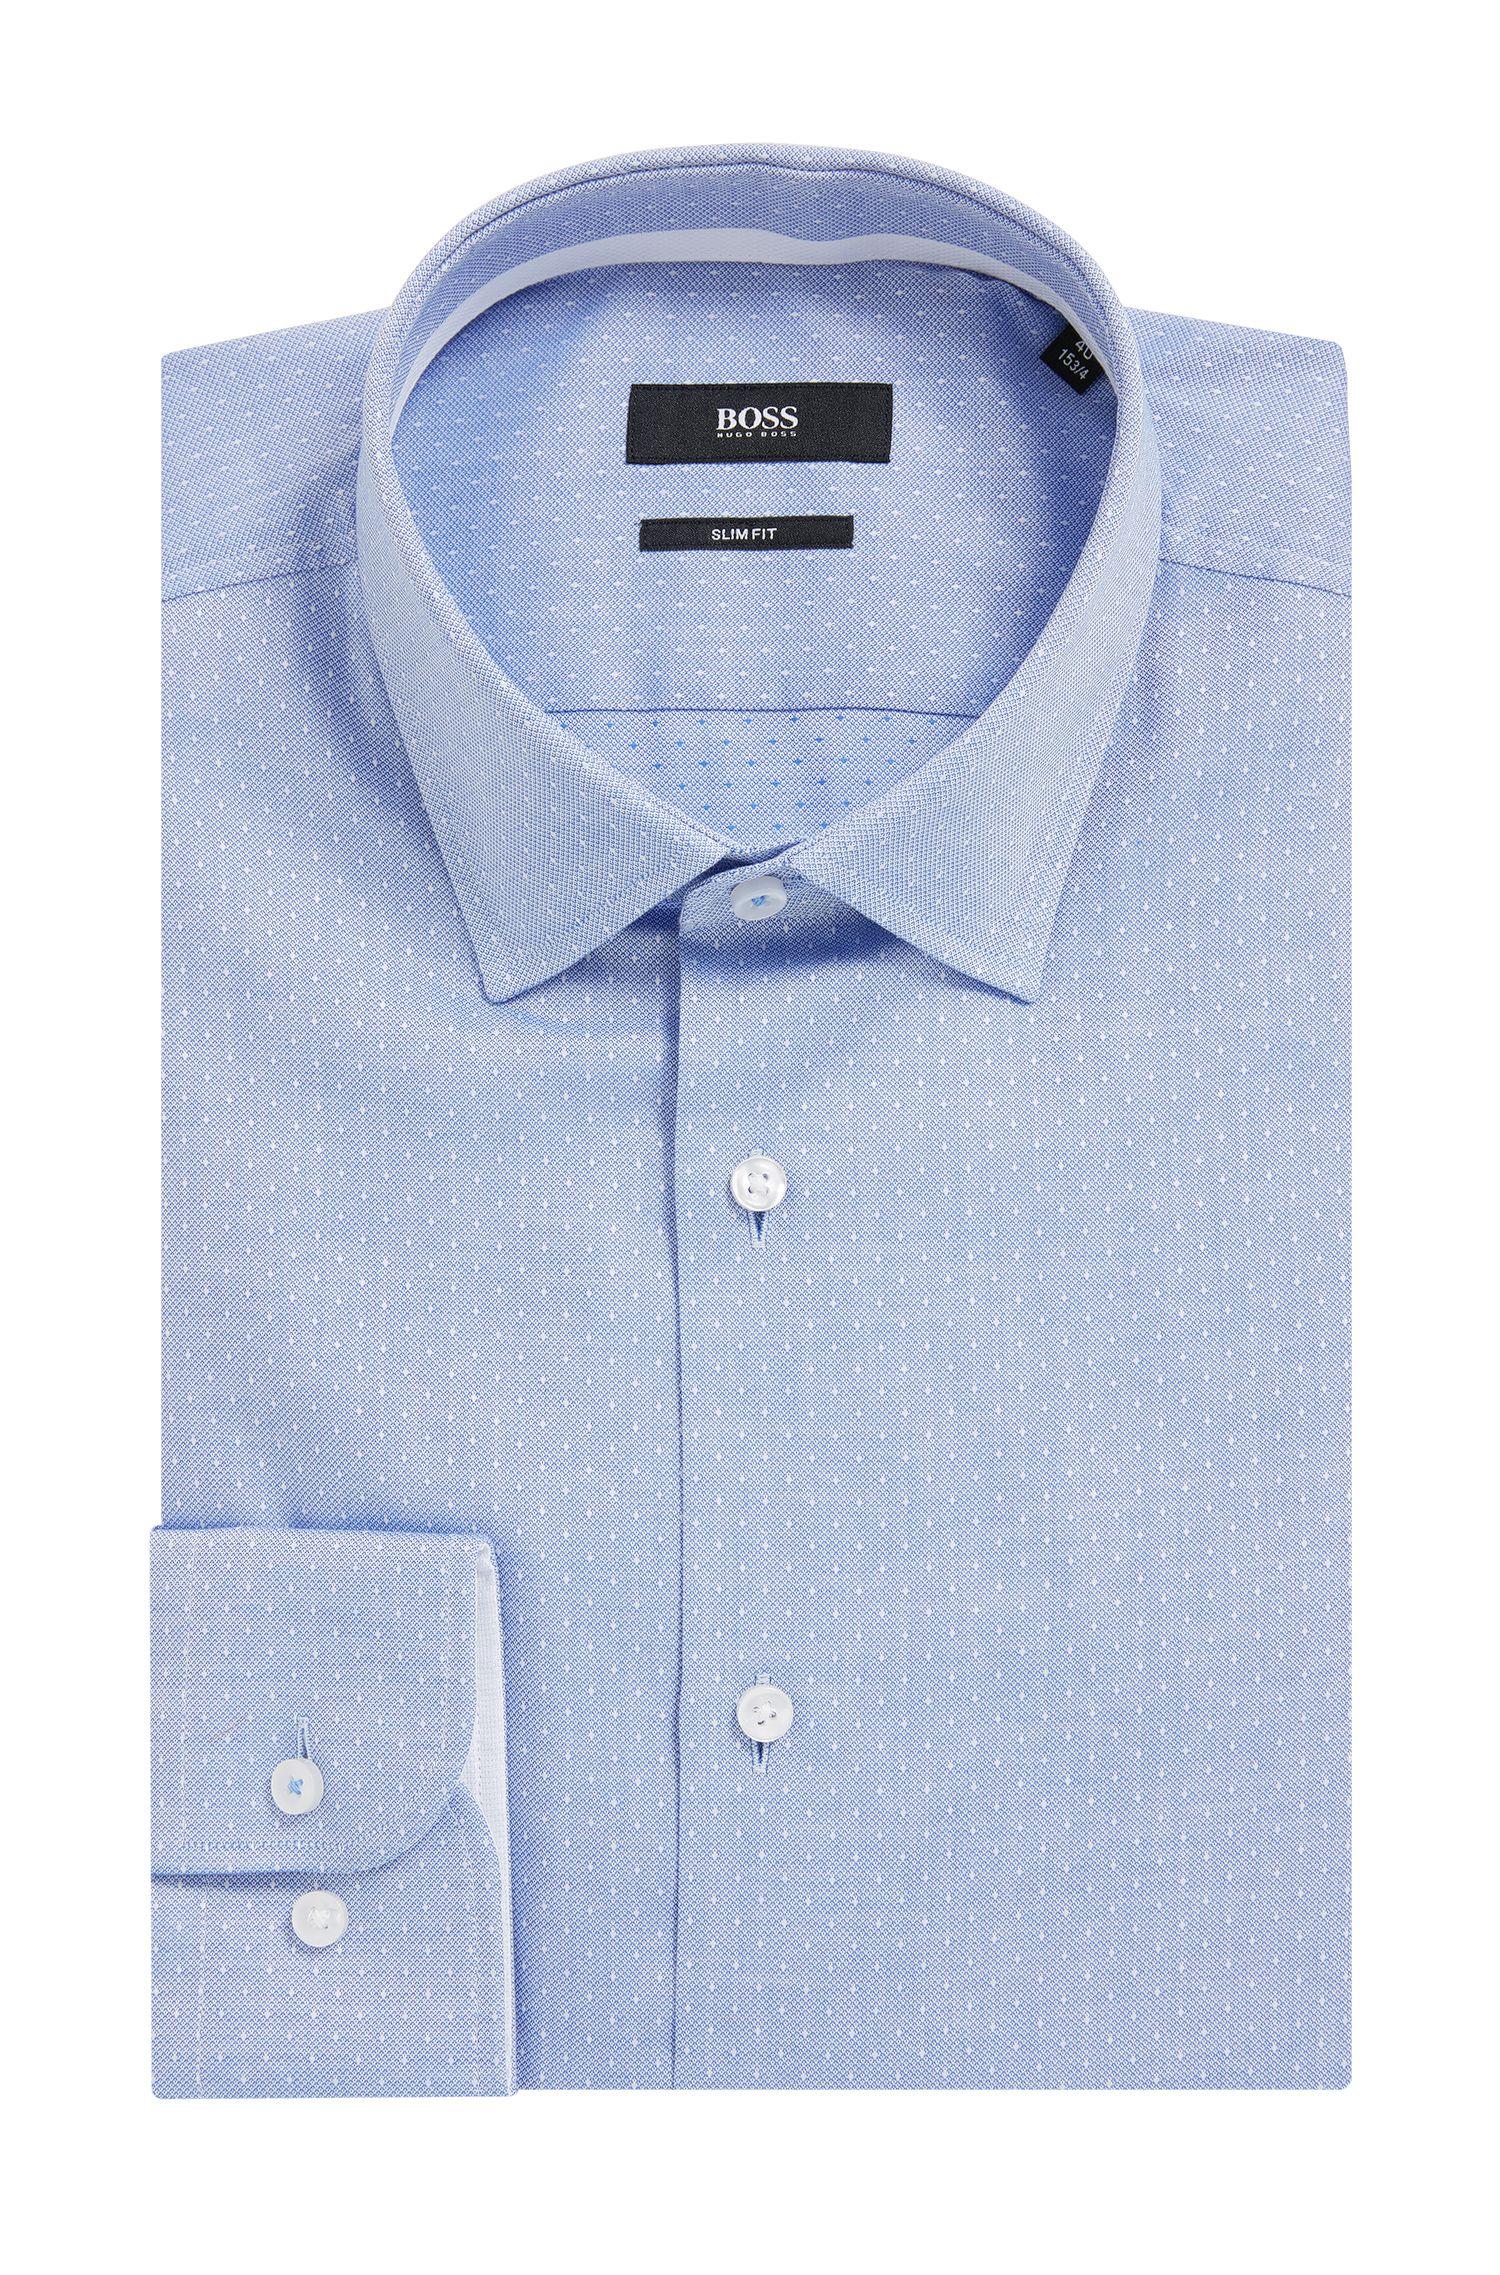 Camicia slim fit in cotone dobby realizzato in Italia